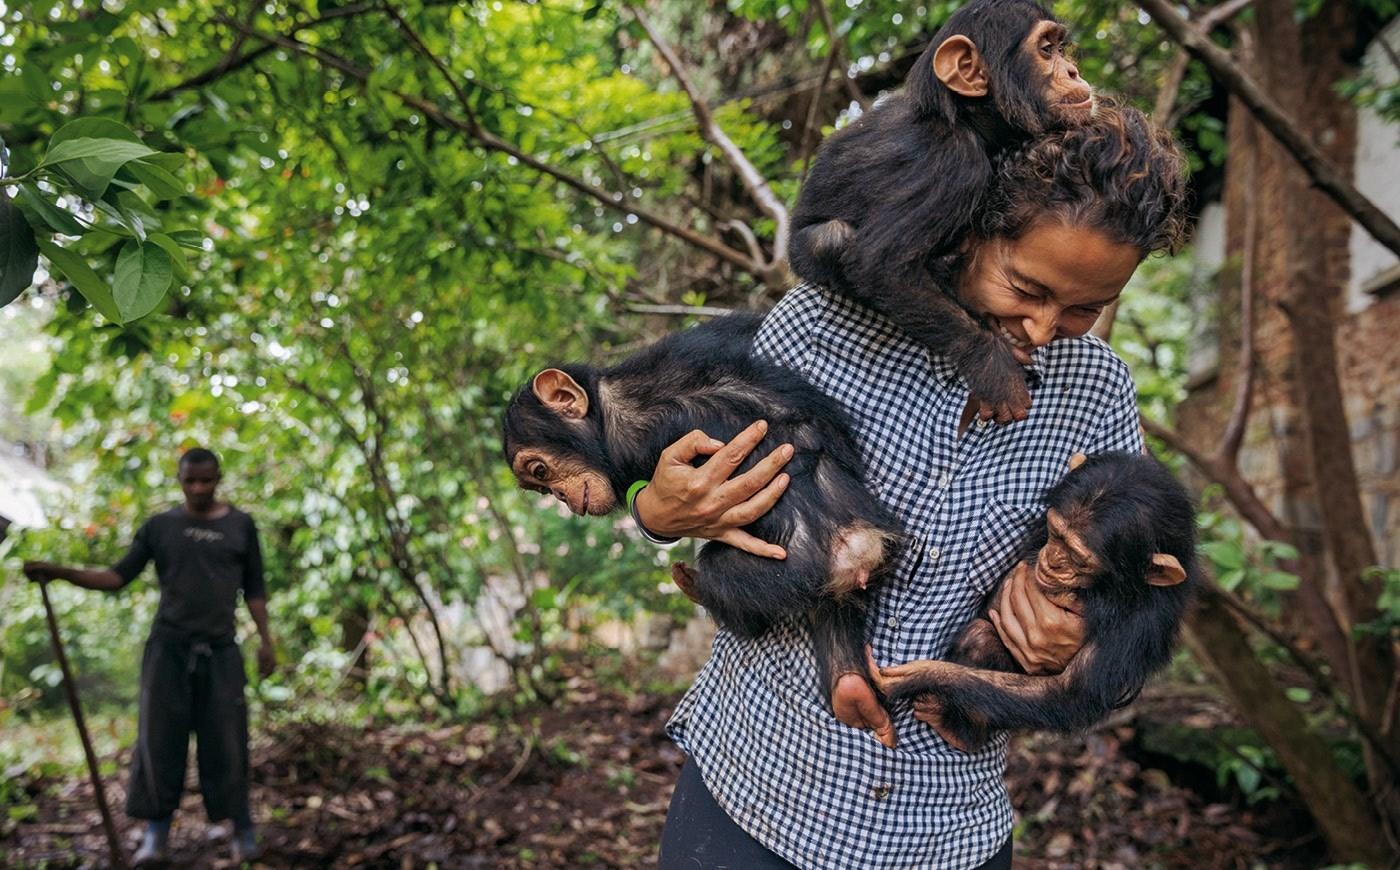 إنقاذ الشمبانزي وجني الأمل.. في بؤر التوتر